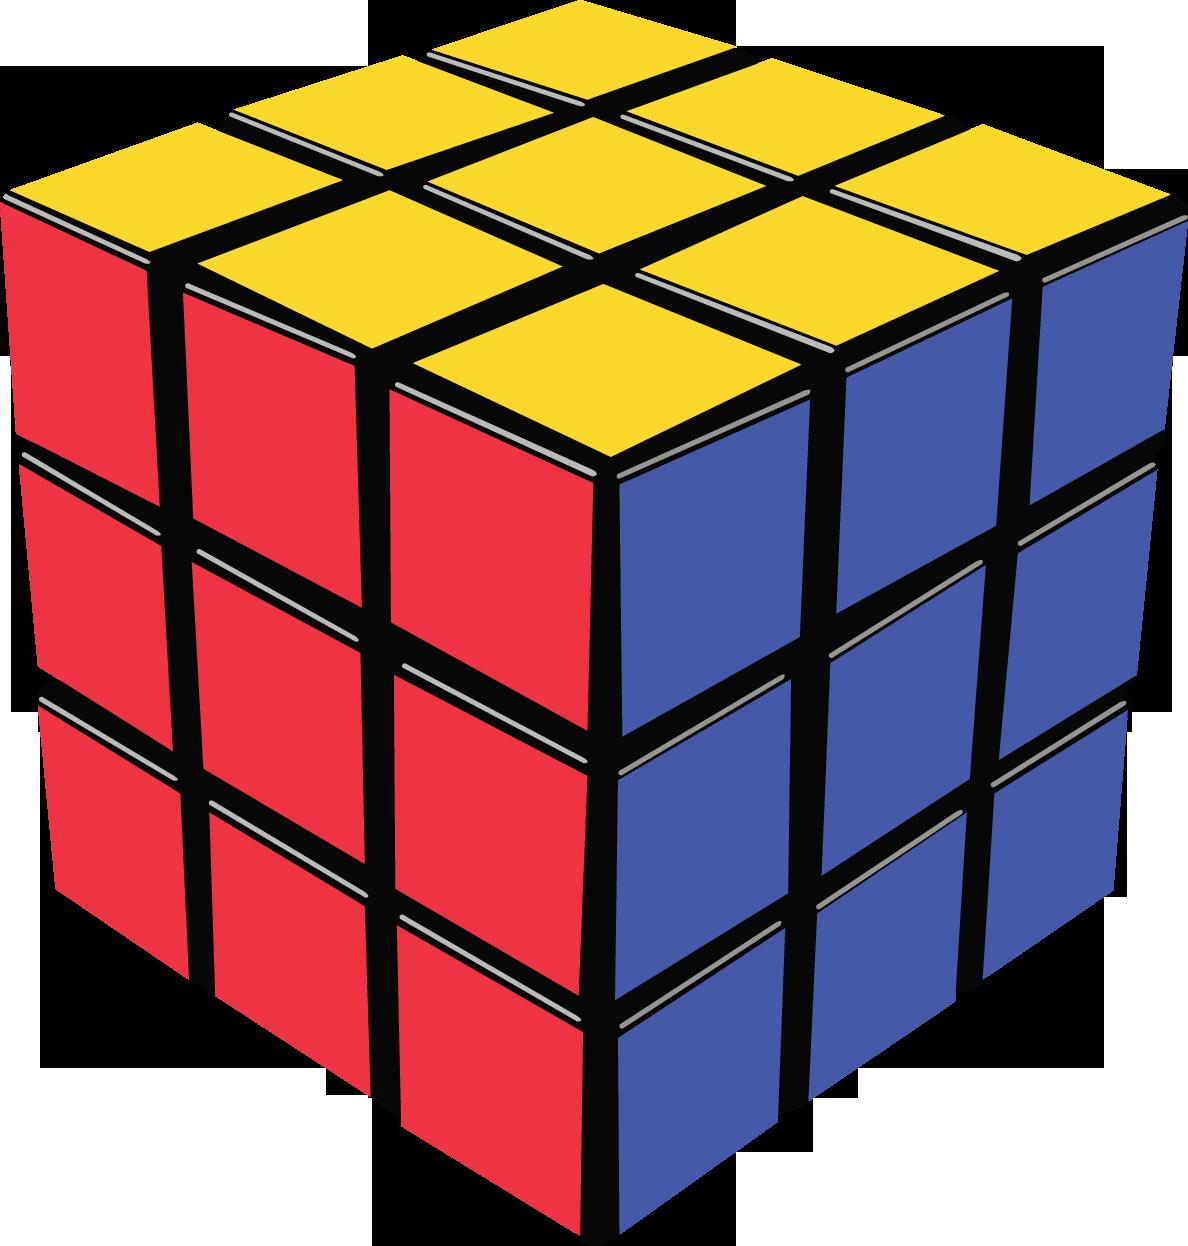 Rubik S Cube Png Image Rubiks Cube Cube Rubix Cube